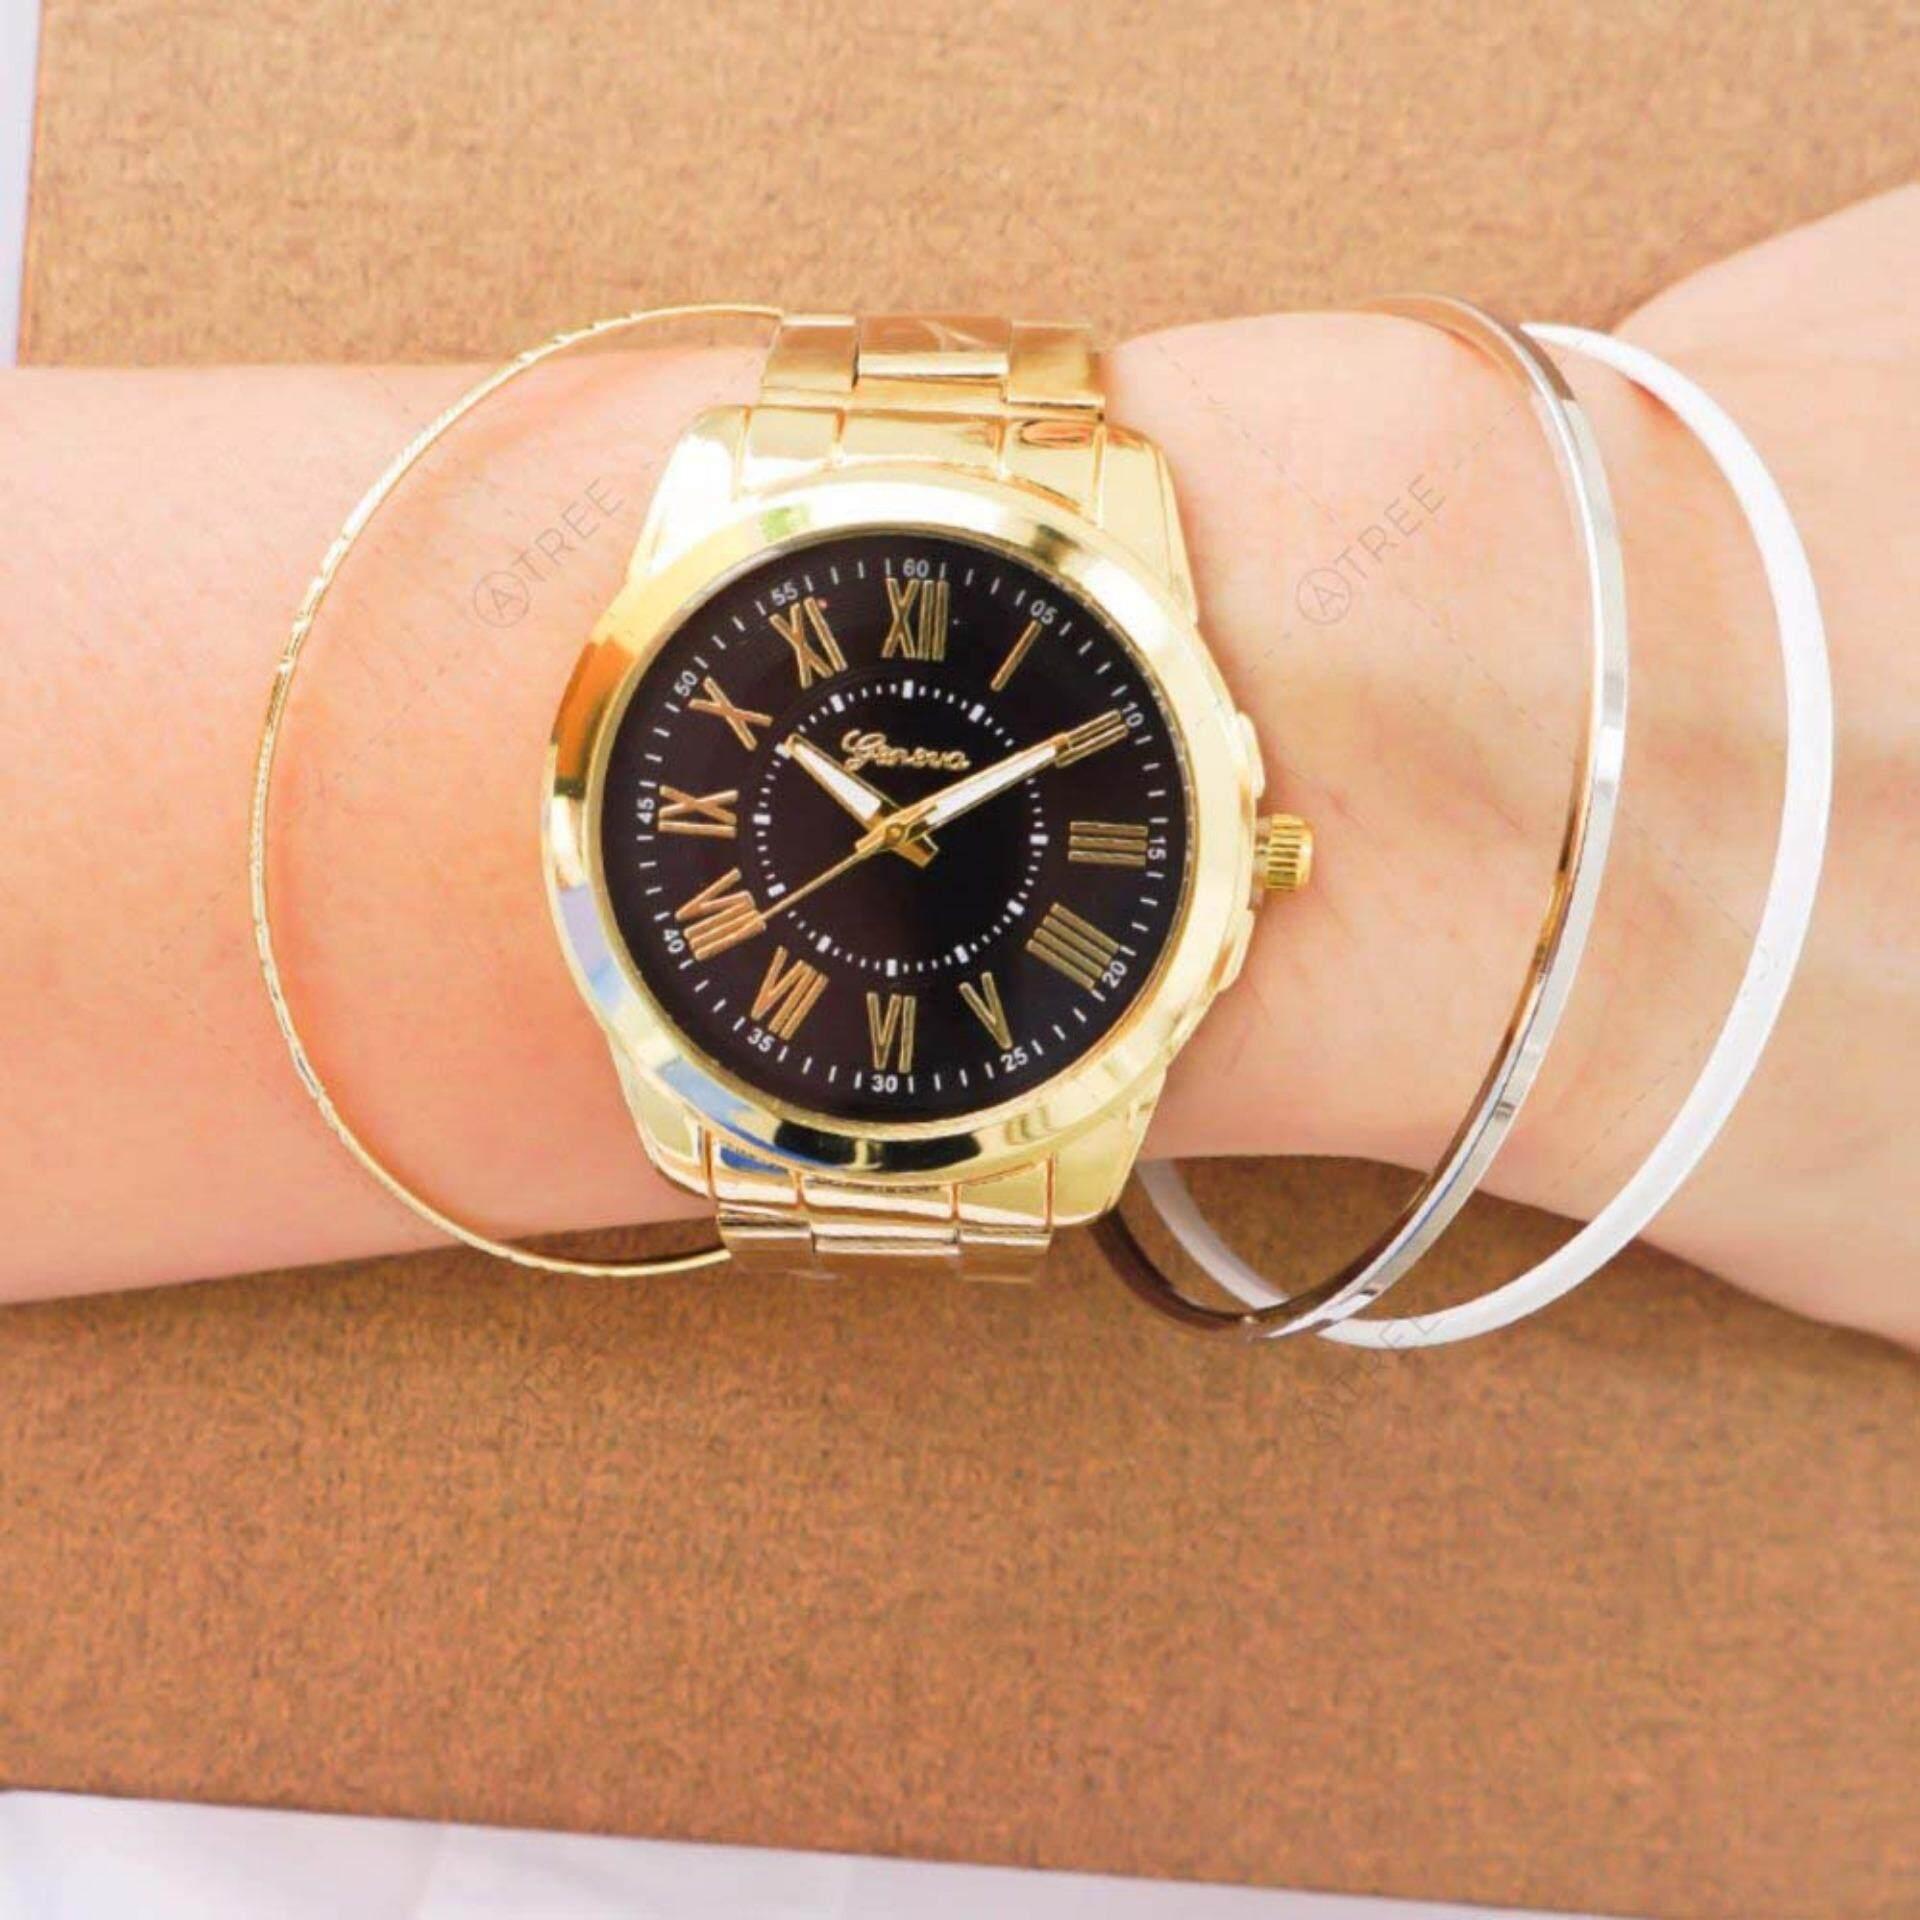 ขาย Zazzy Dolls แพ็คคู่ นาฬิกาพร้อมกำไลข้อมือ ซื้อ 1 แถม 1 รุ่น Zd 0114 4 สีสุดน่ารักฟรีกำไลข้อมือ สไตล์เกาหลี คละแบบ ออนไลน์ กรุงเทพมหานคร